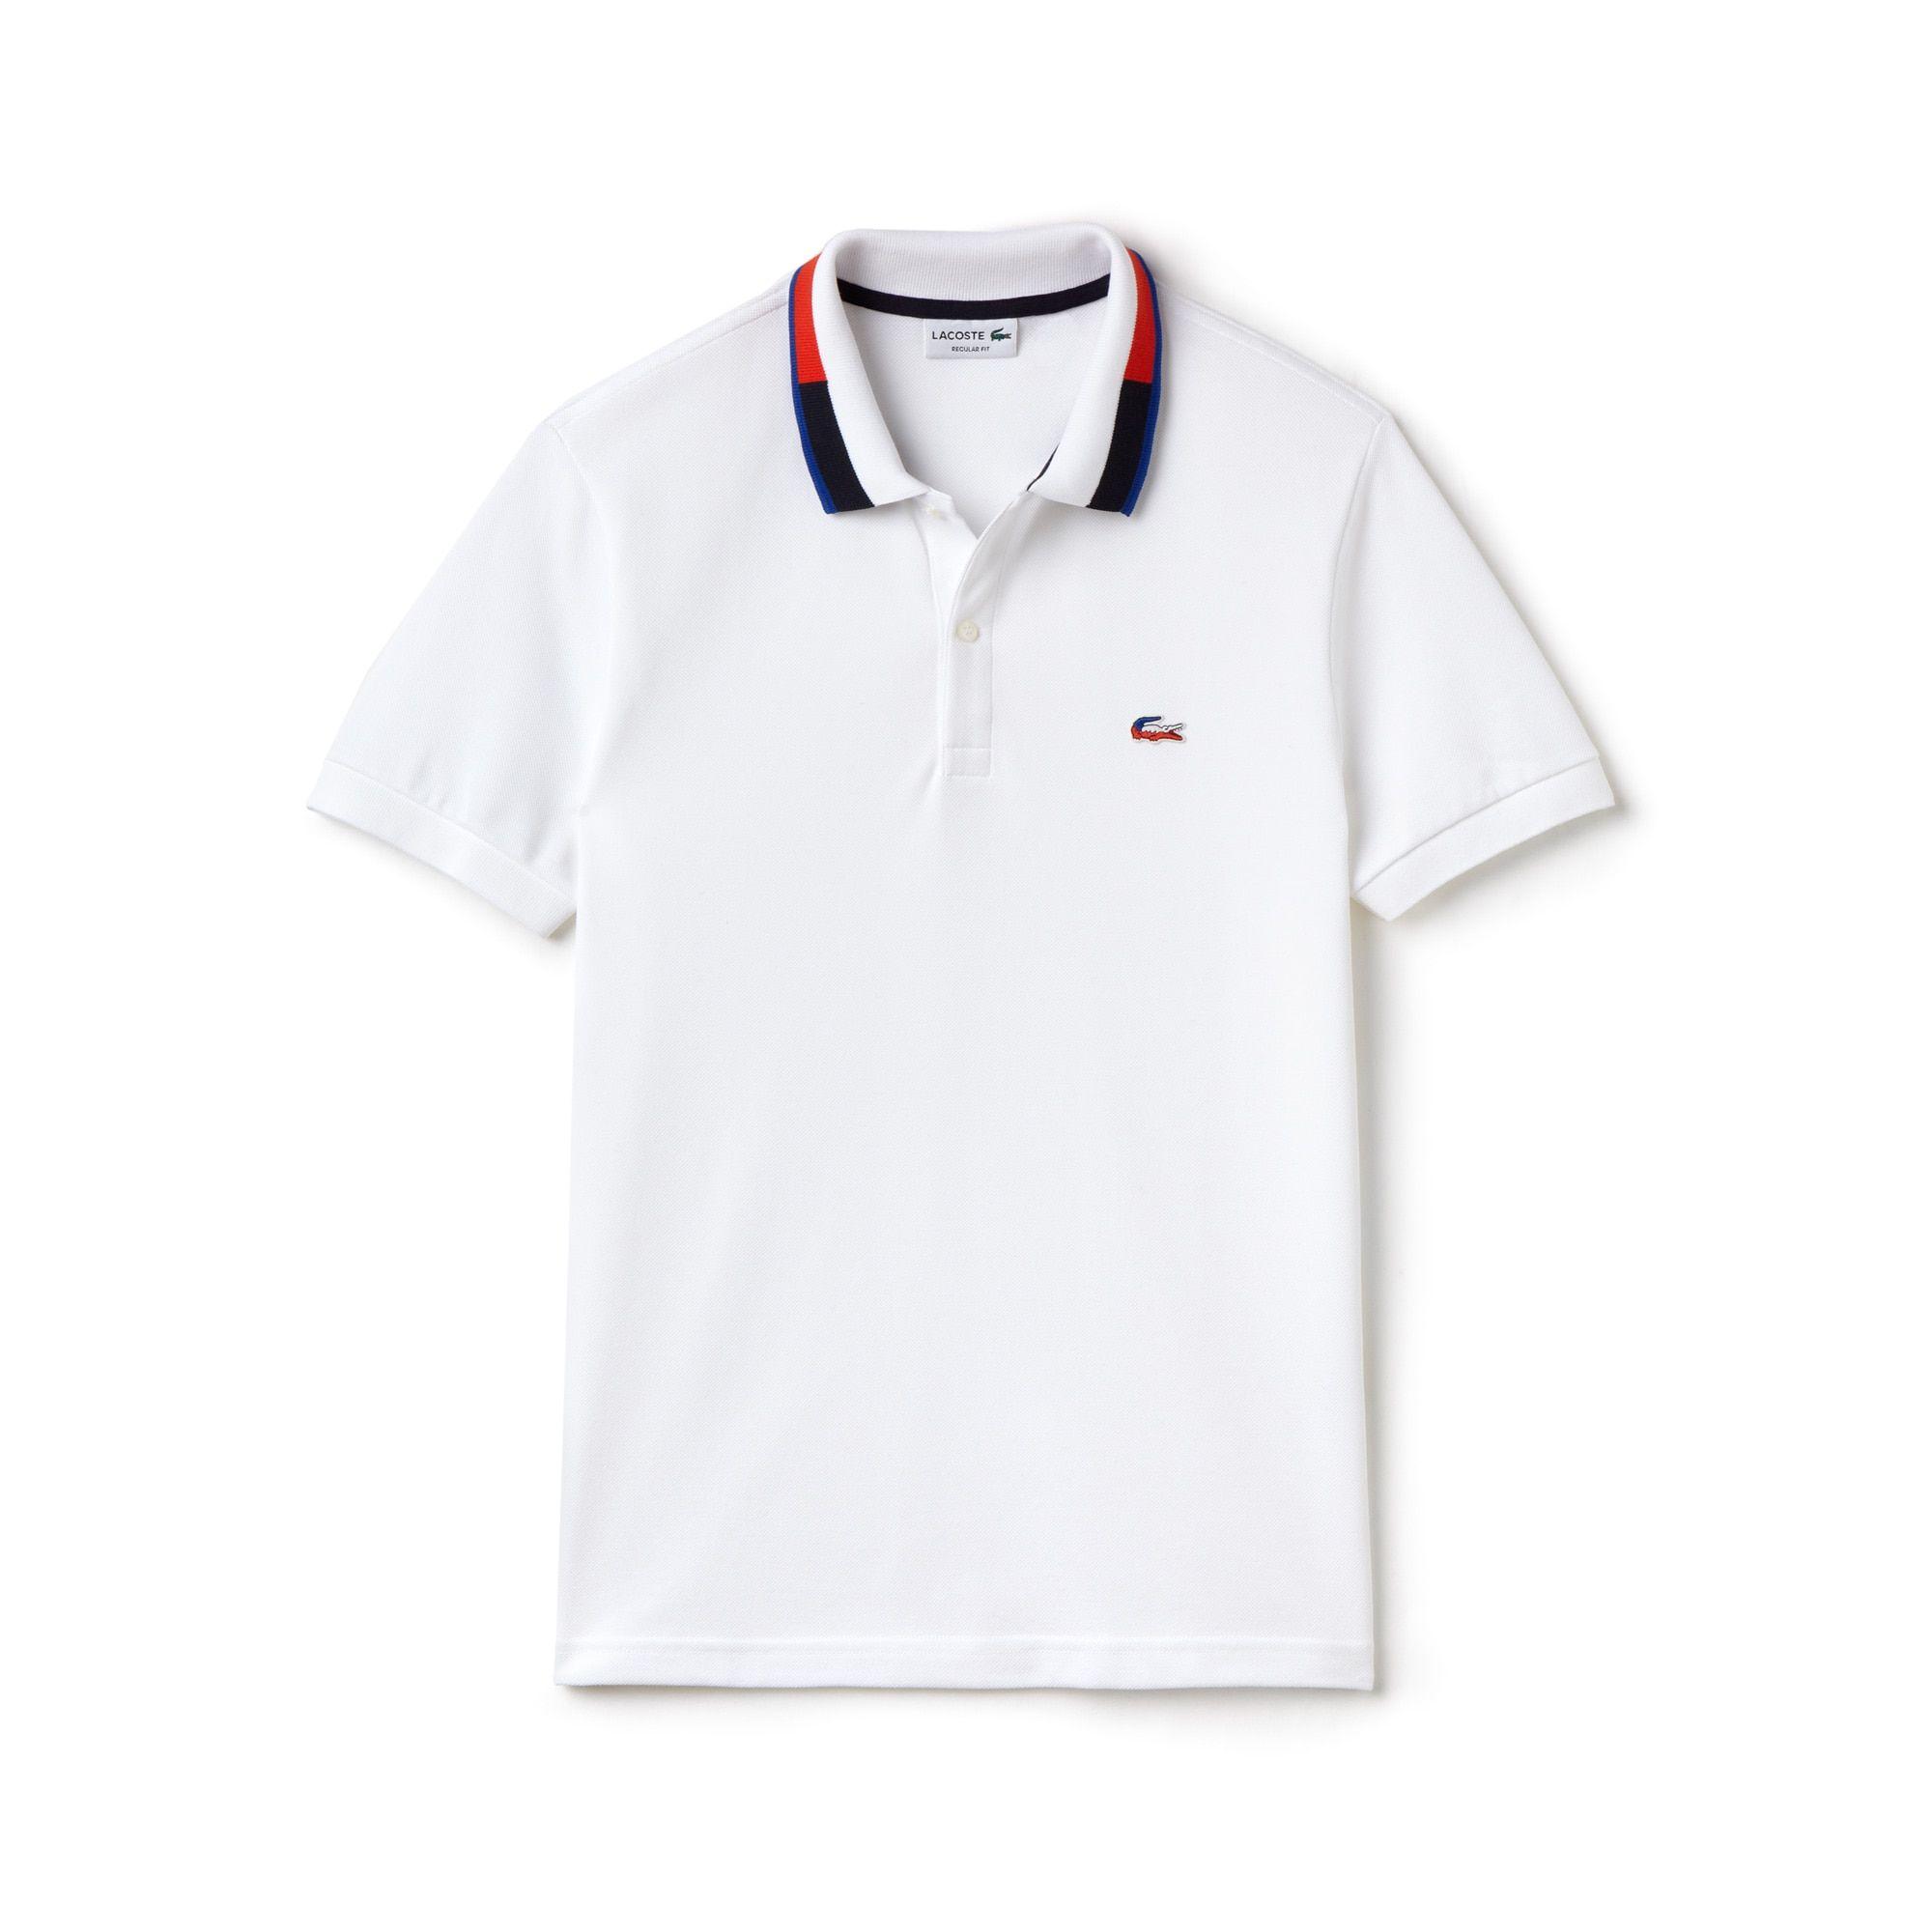 Men S Multicolored Crocodile Polo Shirt Lacoste Lacoste Polo Shirts Polo Shirt Polo Shirt Outfits